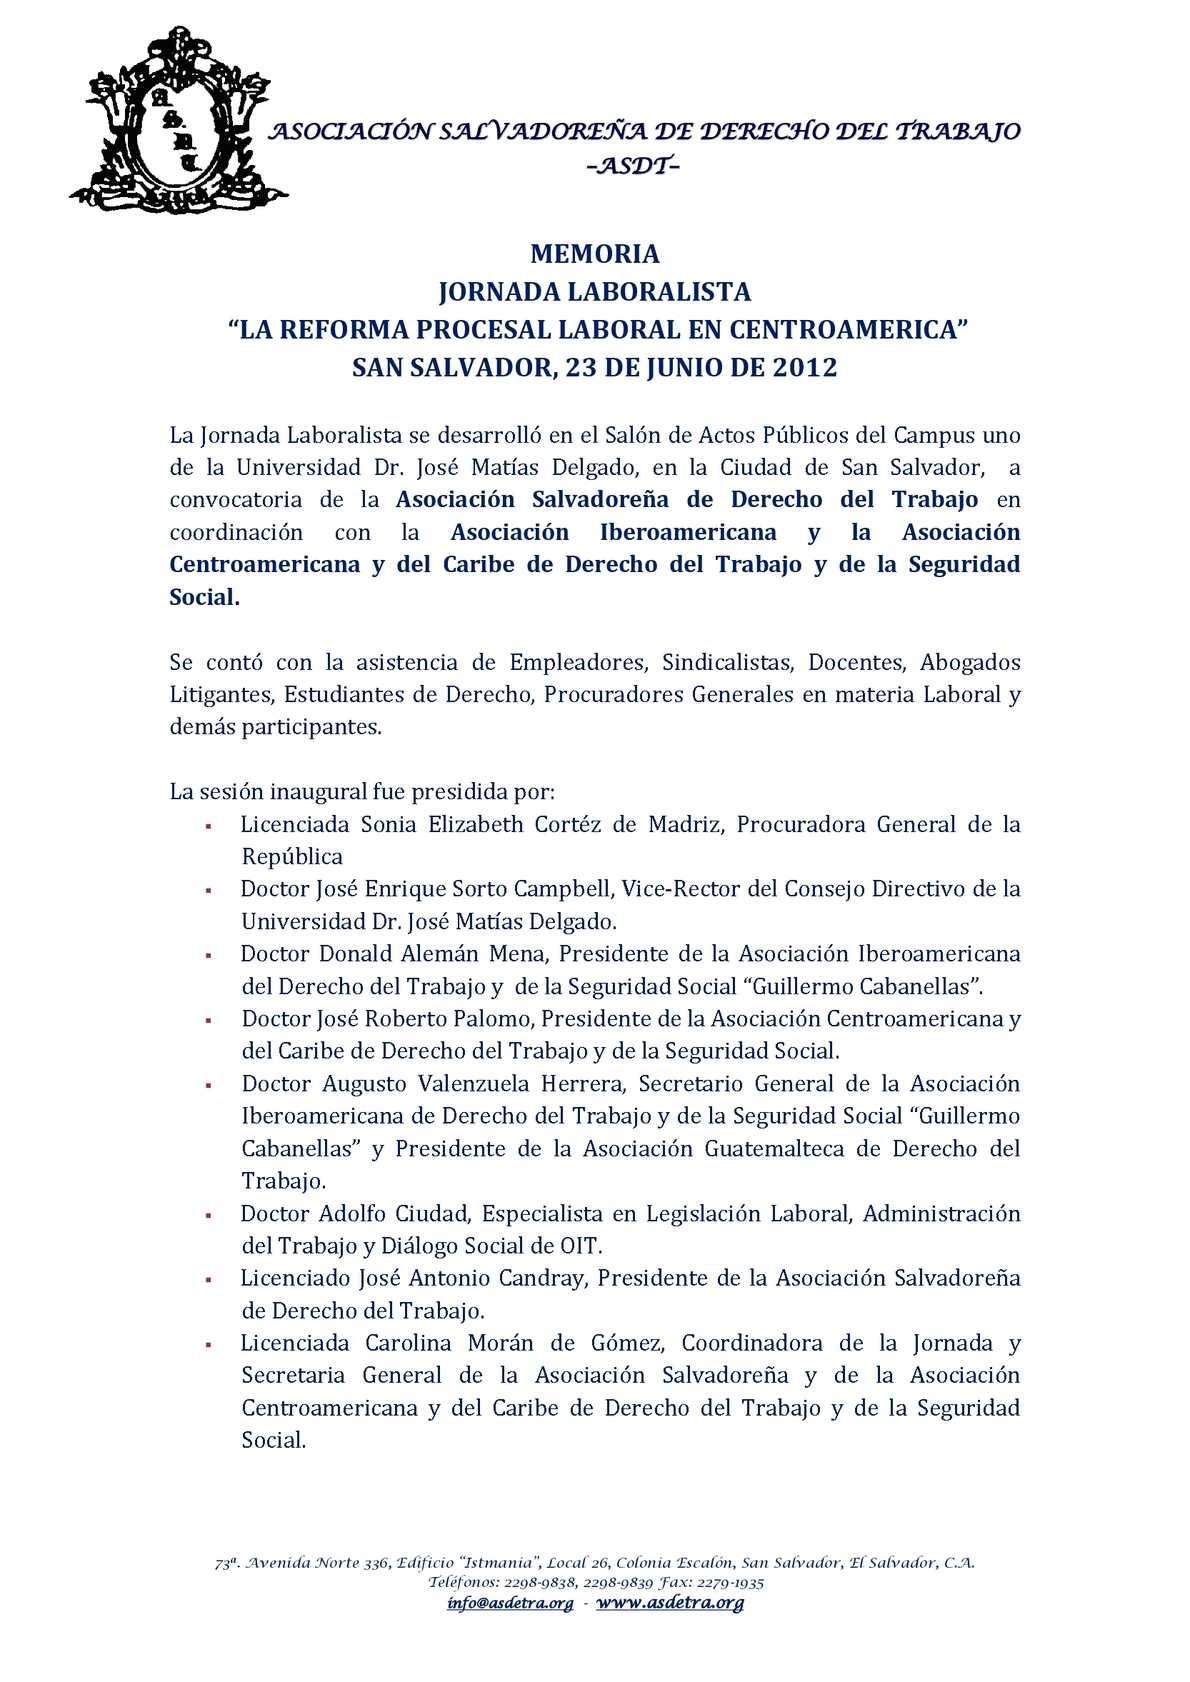 Memoria Jornada Laboralista El Salvador Junio de 2012